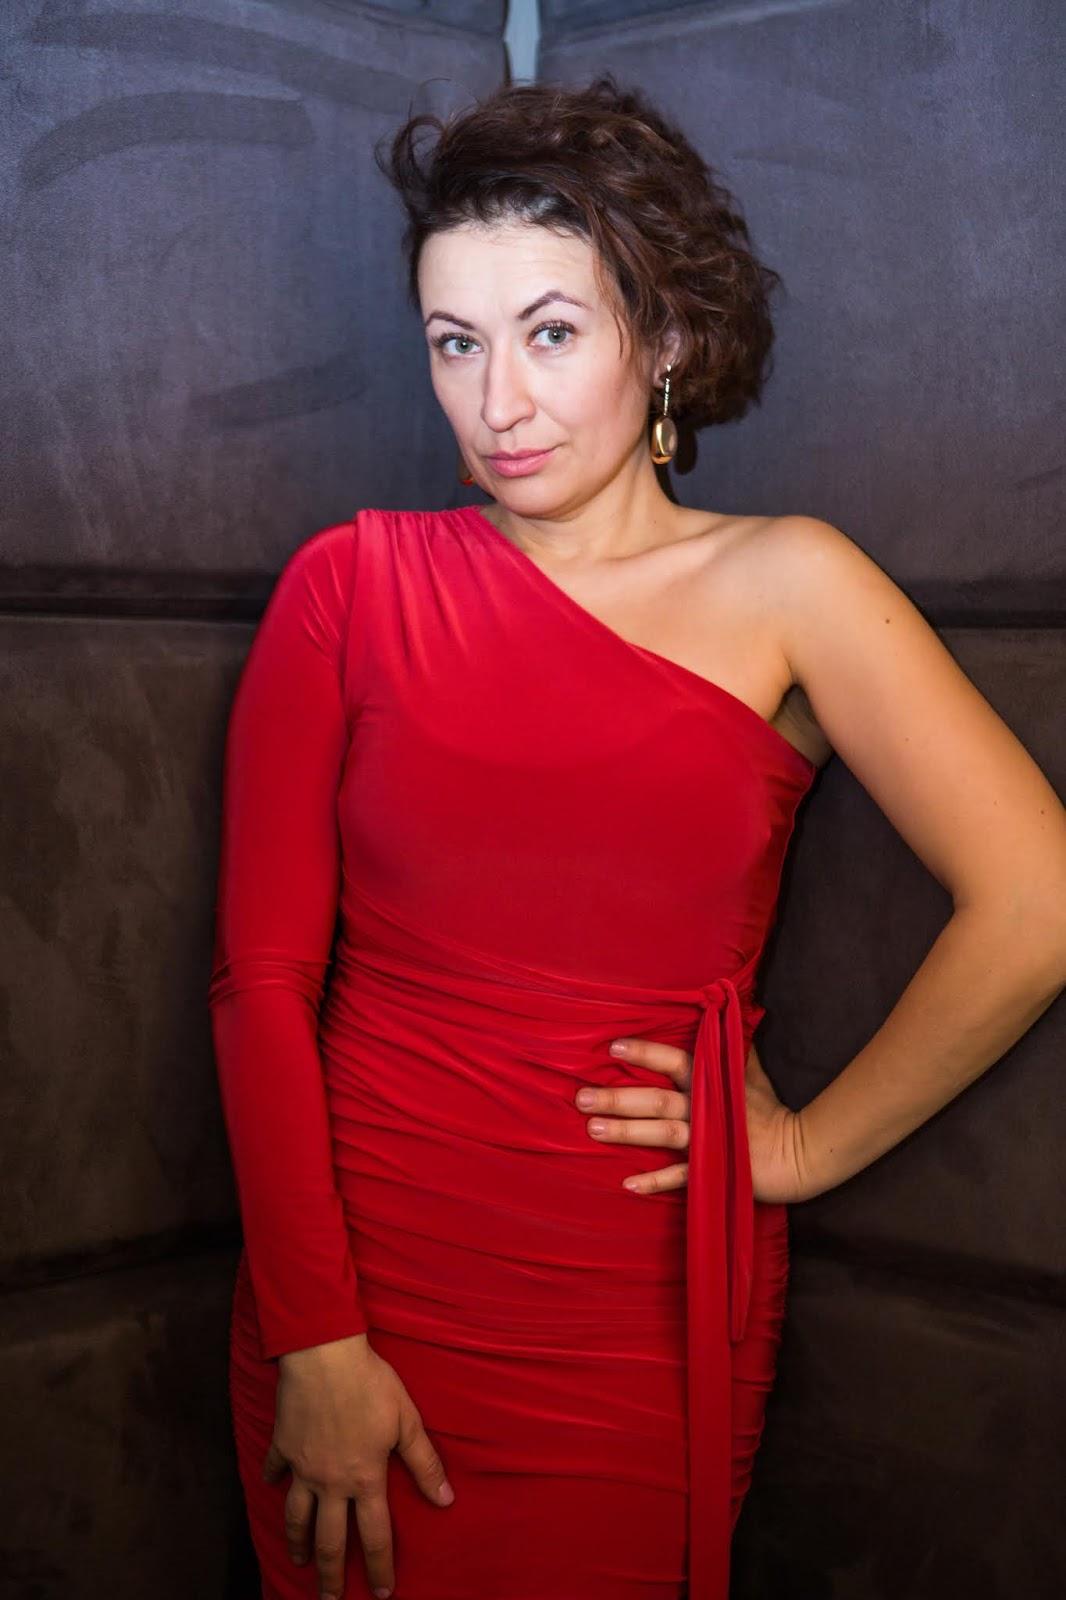 Adriana Style Blog, blog modowy Puławy, Bodycon Dress, FemmeLuxeFinery Bodysuit, FemmeLuxeFinery Co-ords, FemmeLuxeFinery Dress, Little Red Dress Sukienka, LRD, Mała Czerwona, on-line shopping, Stylizacja